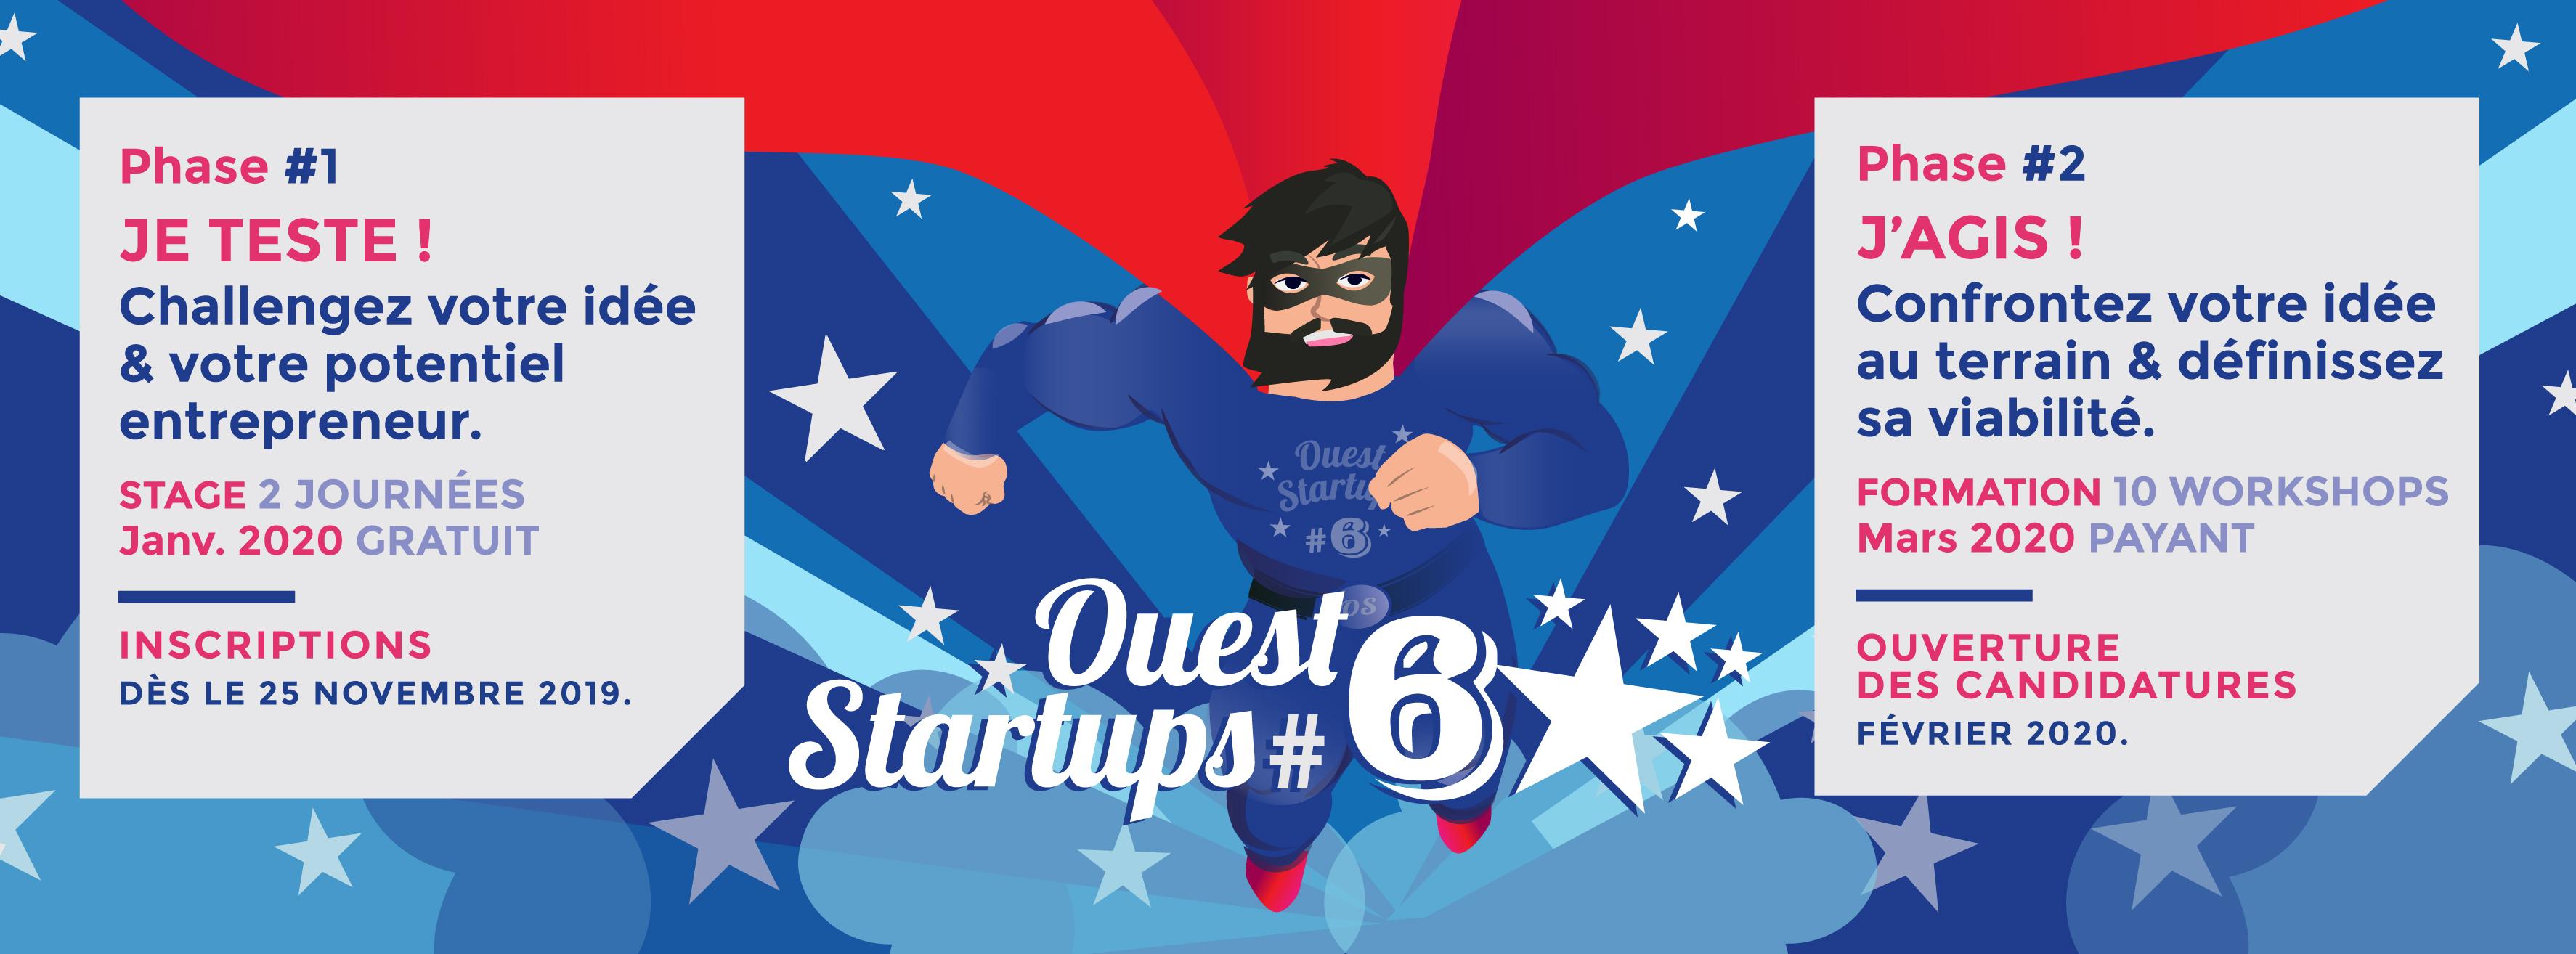 Idée De Photo De Profil ouest startups #6, 2 phases pour accélérer votre idée